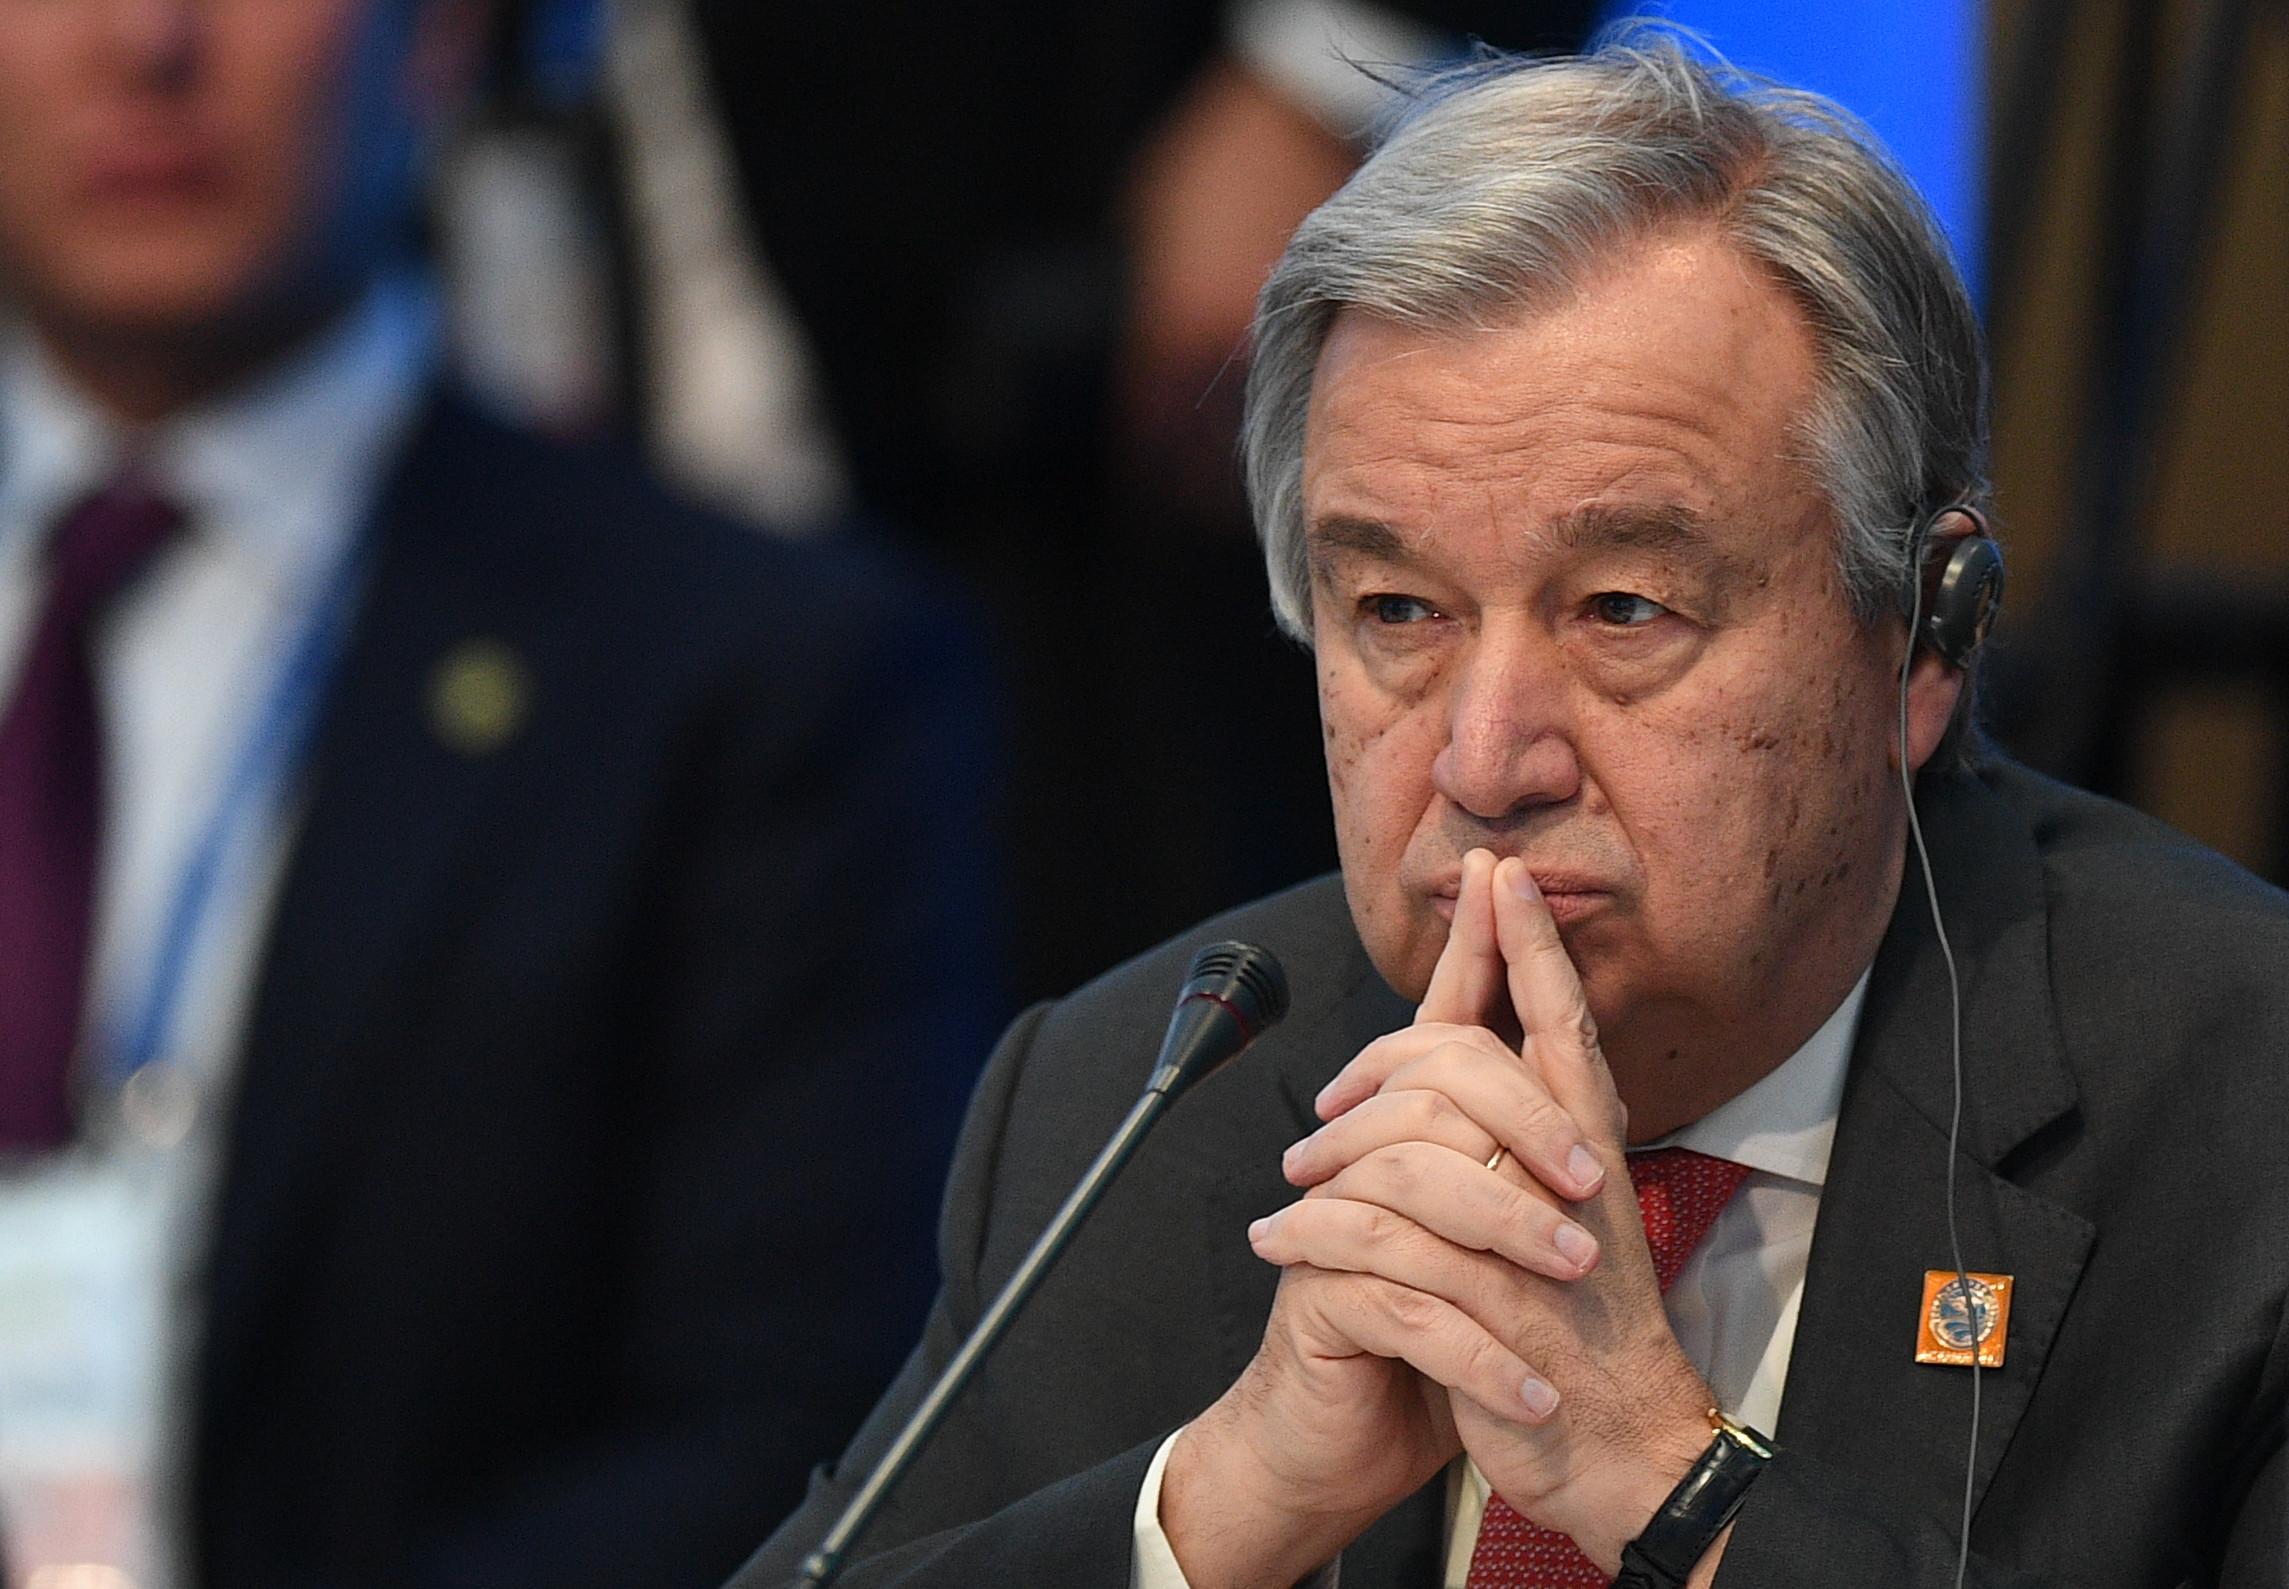 <p><span>Генеральный секретарь ООН Антониу Гутерриш. Фото: &copy;РИА Новости/Владимир Астапкович</span></p>